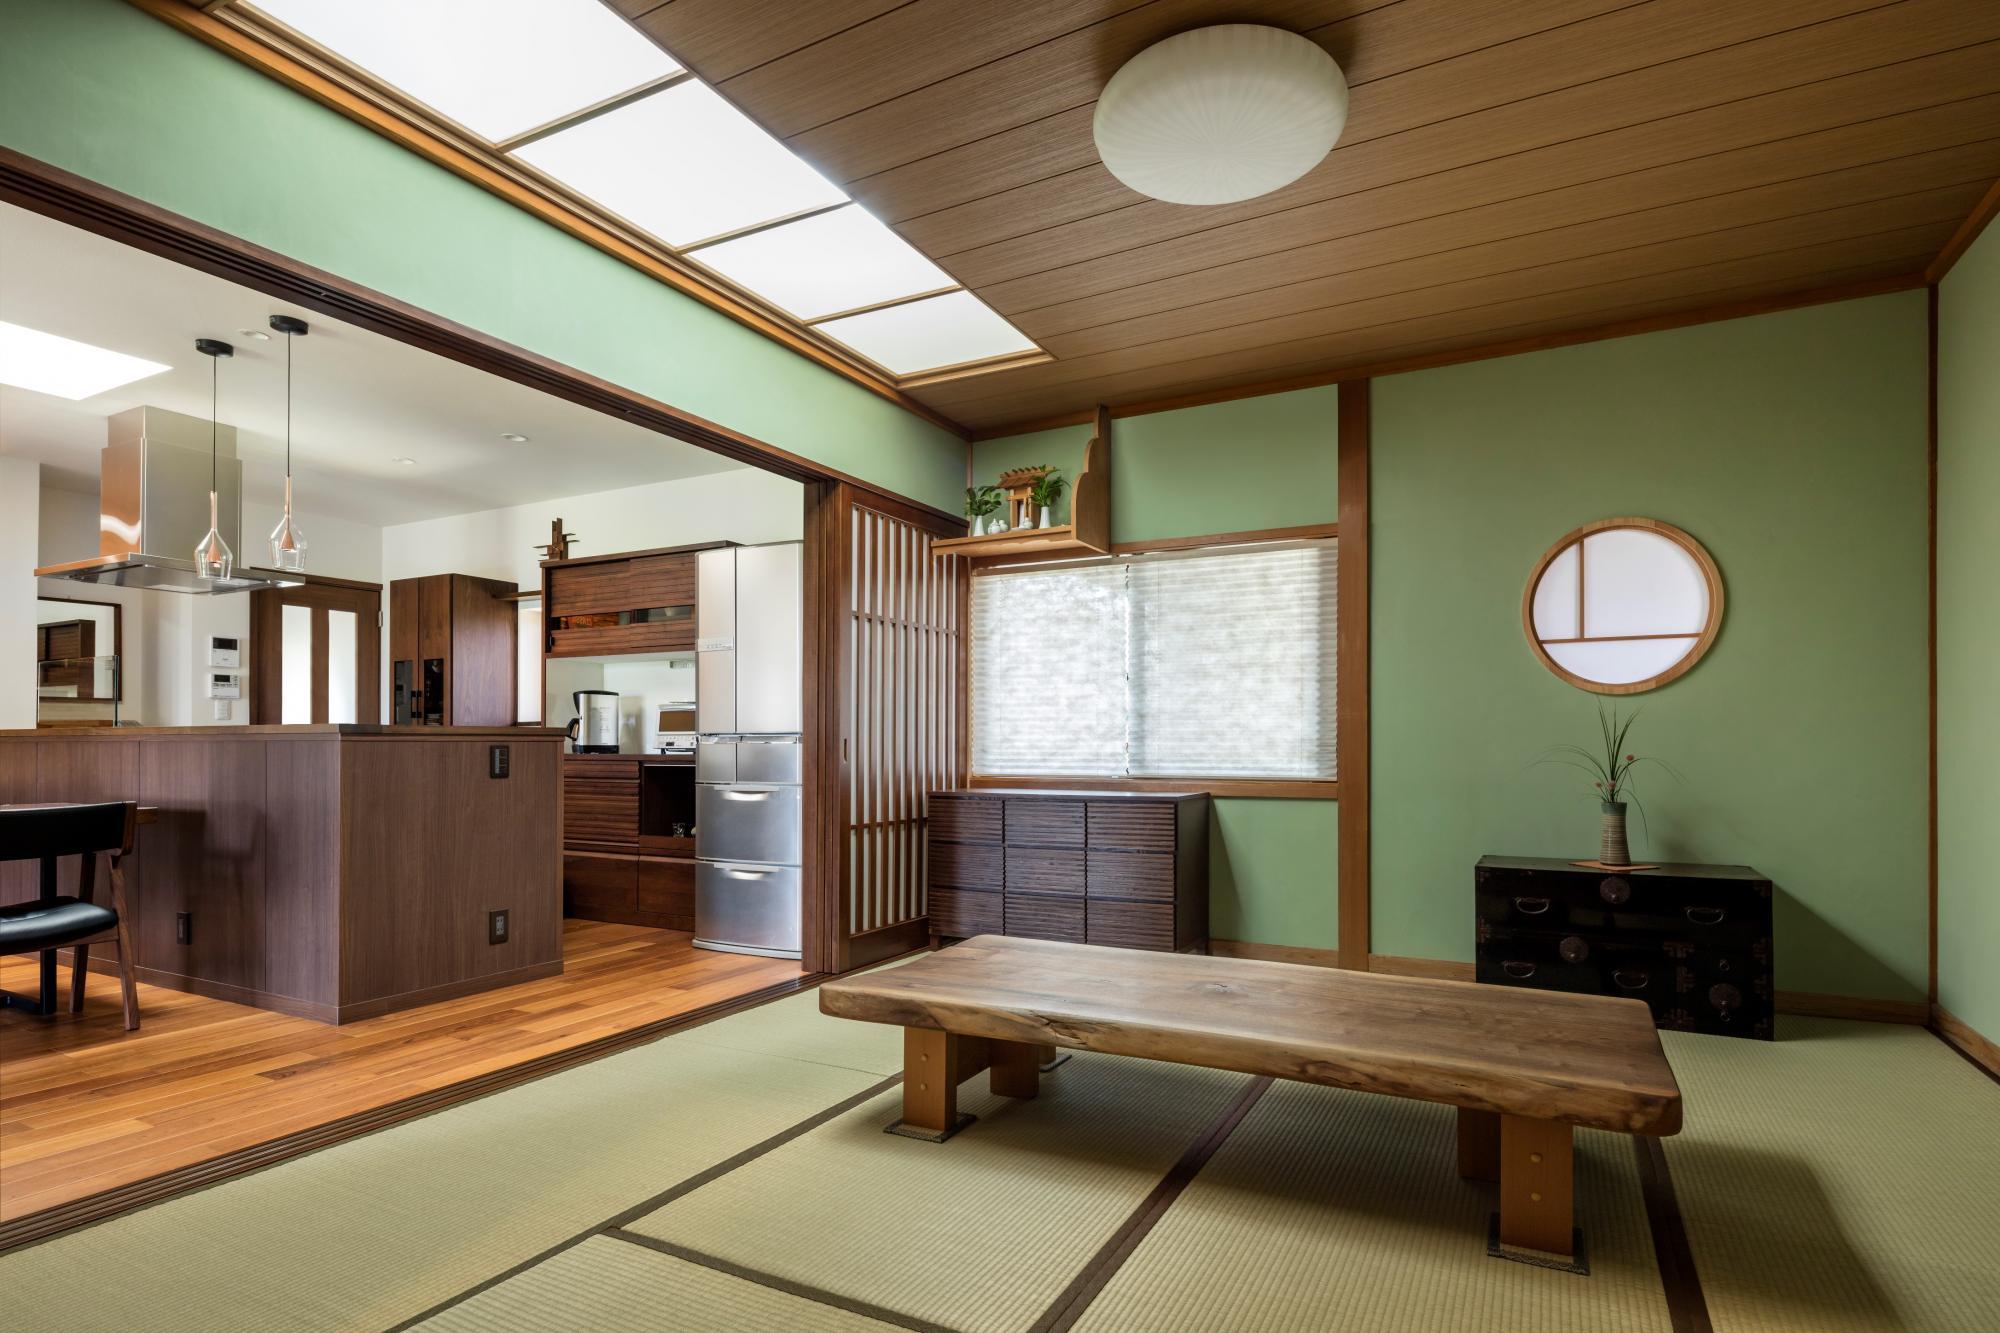 茶の間はガラス面に和紙を張ったトップライトを設けて明るく。ご主人のアイデアで丸窓を設け、玄関からの光も取り入れている。